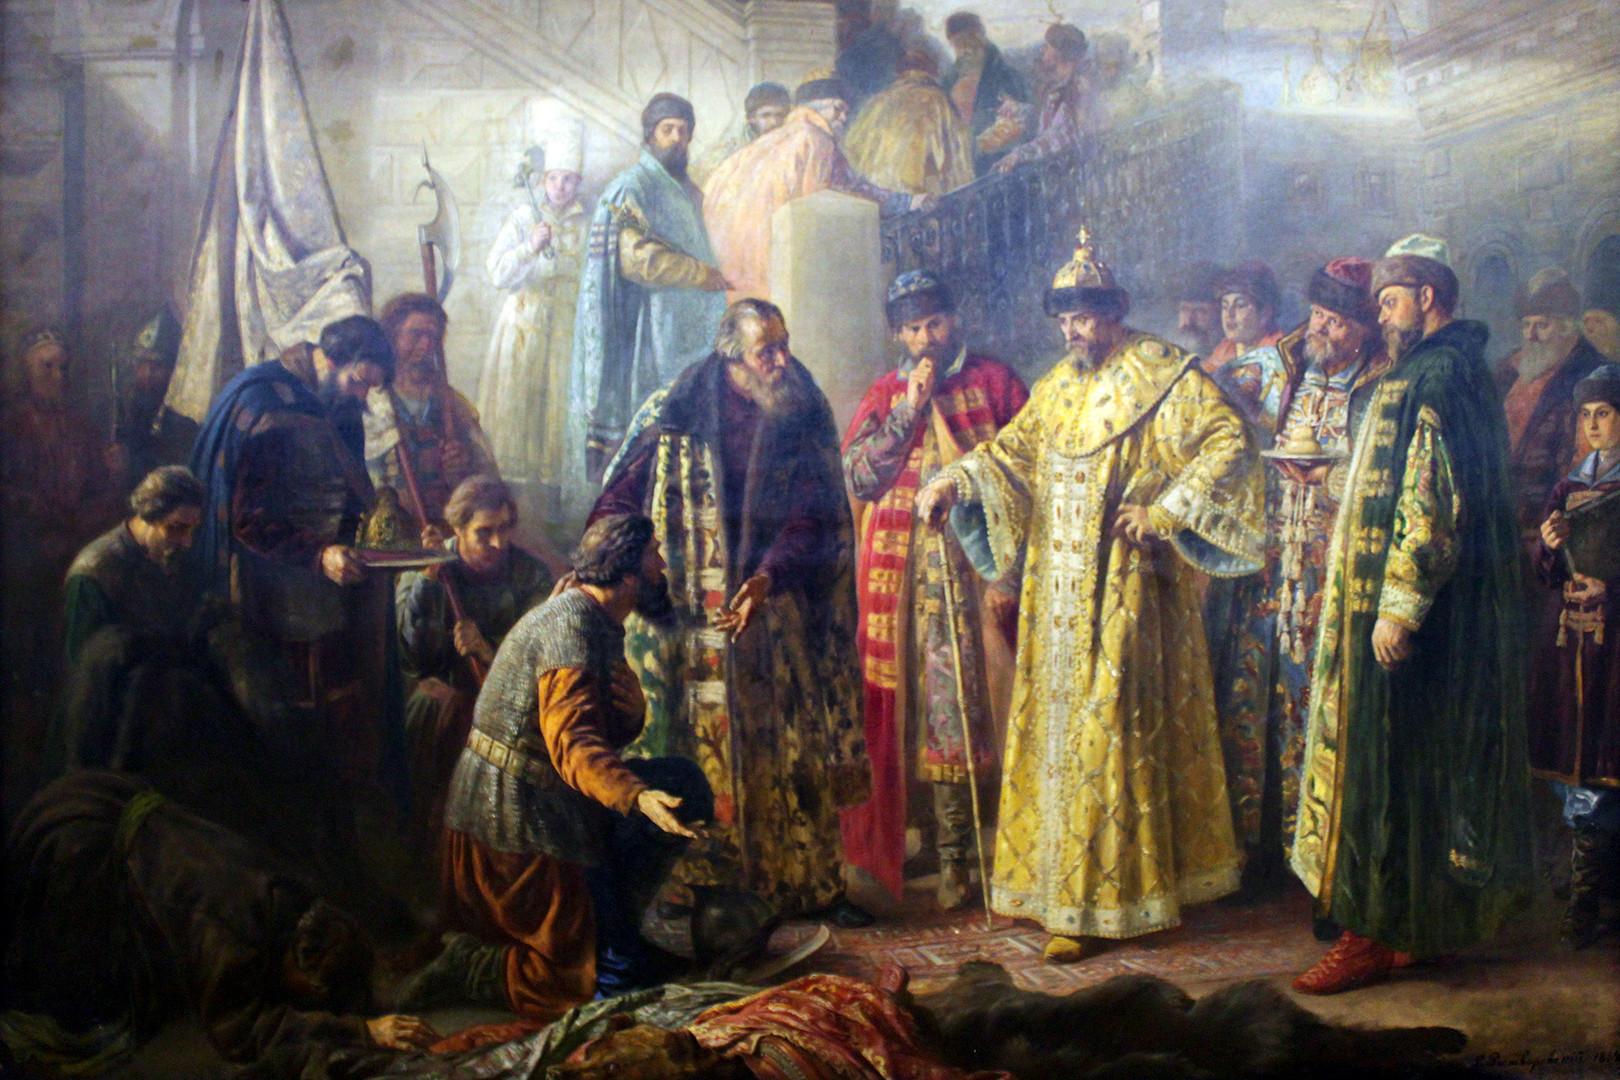 Jermaks Boten vor Ivan dem Schrecklichen